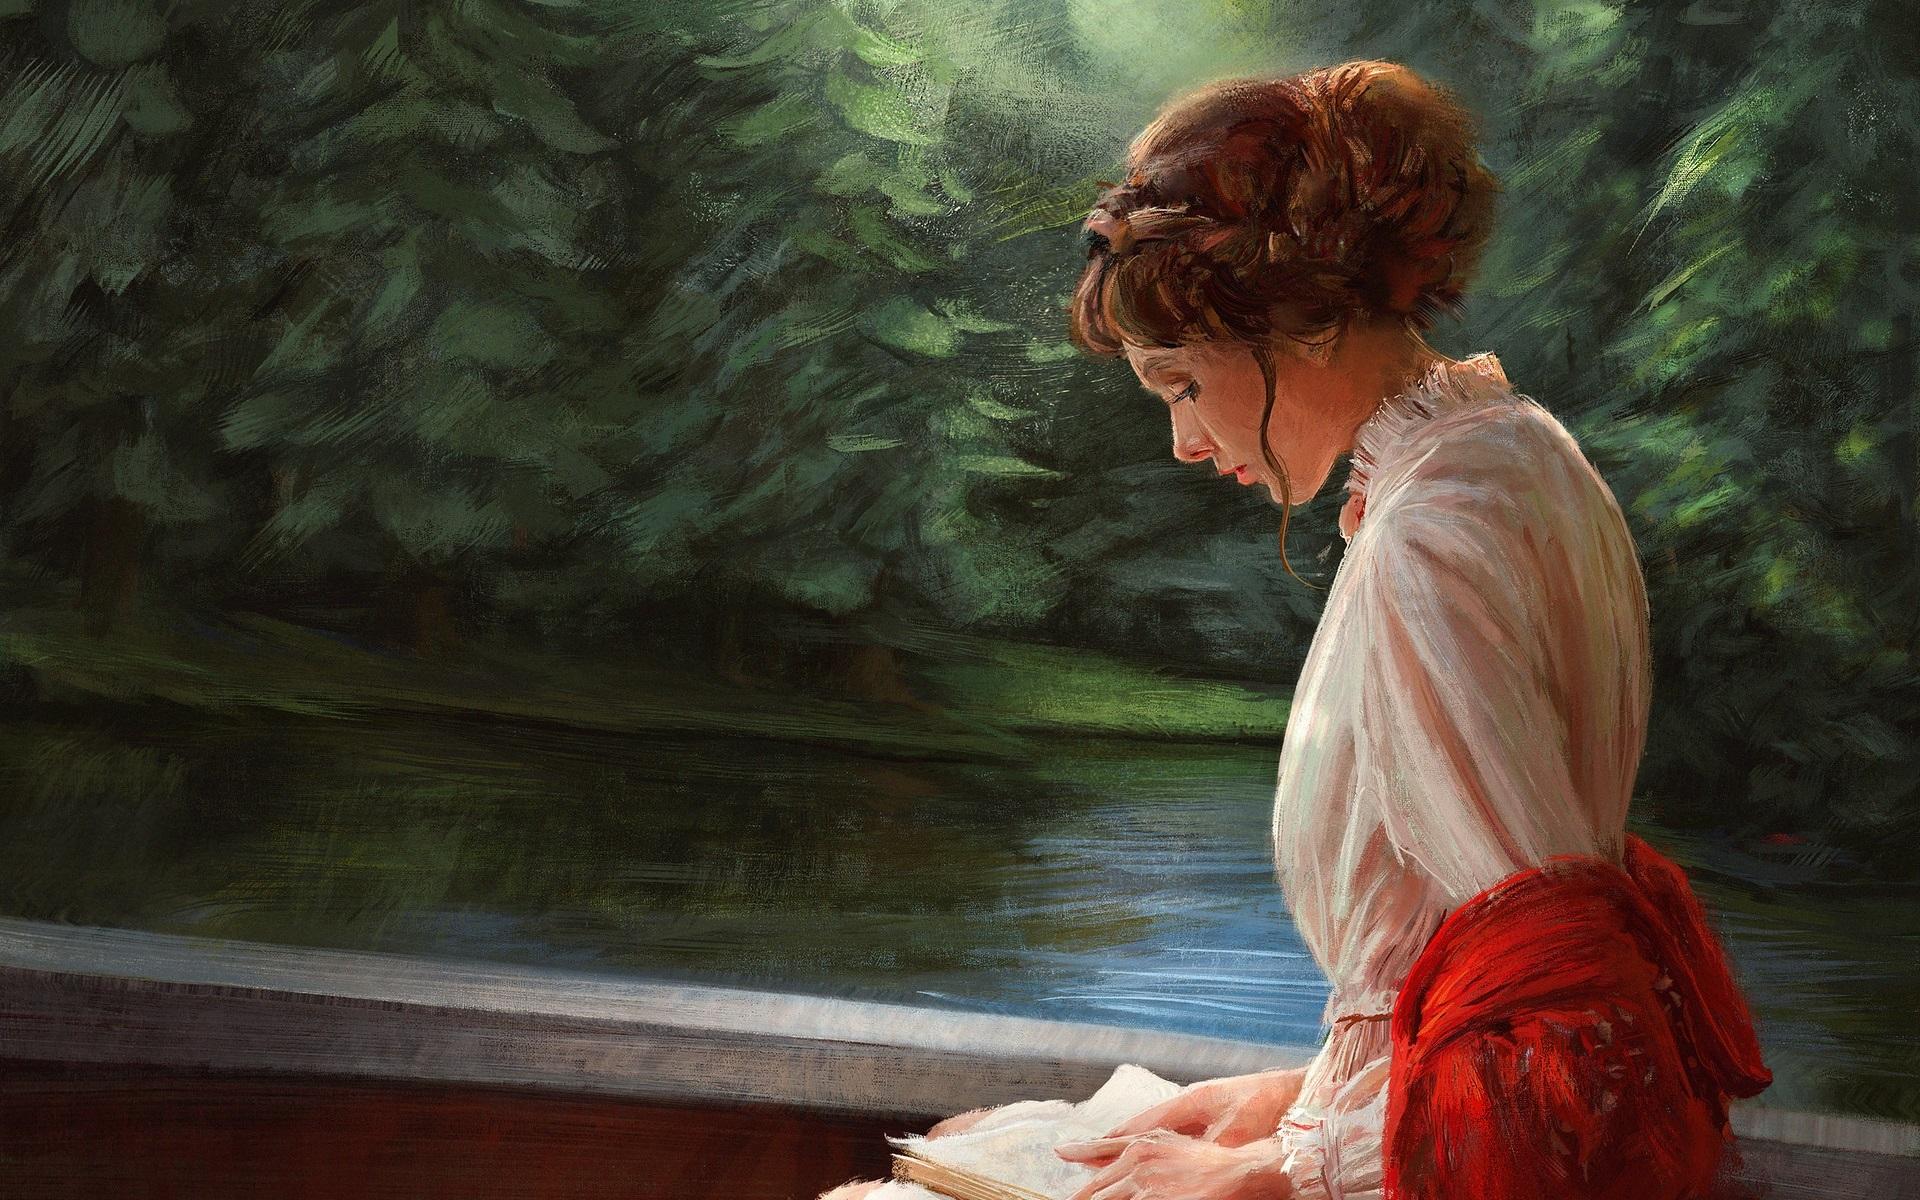 Wallpaper White Dress Girl Reading Book, Art Painting - Girl Reading Book Art - HD Wallpaper